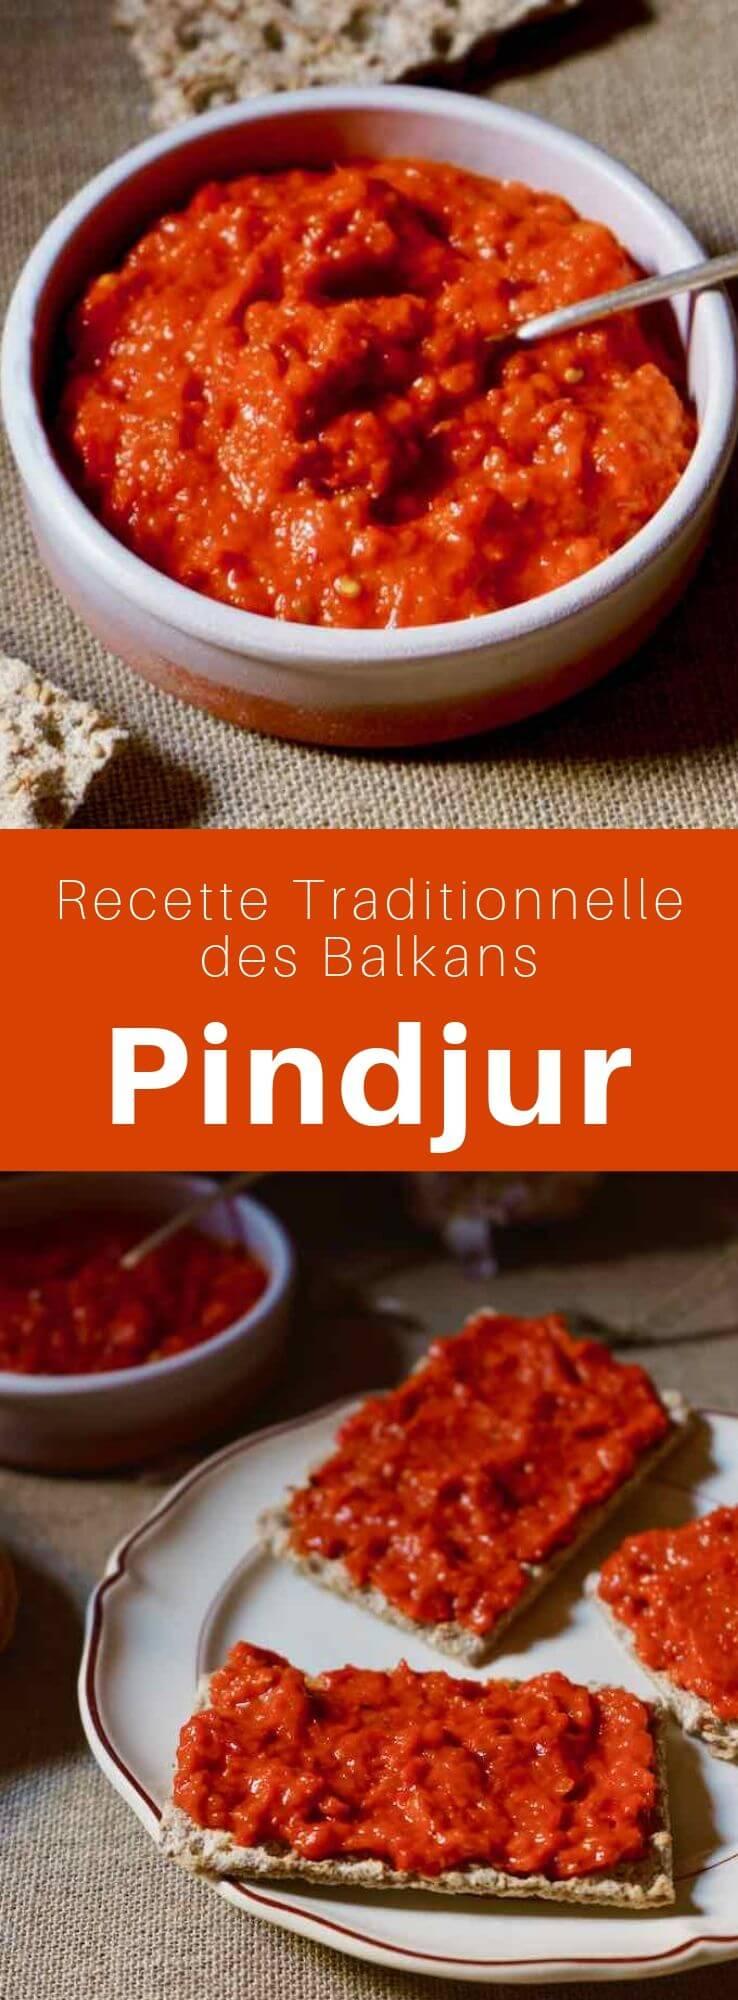 Le pindjour ou pindjur est un condiment ou pâte à tartiner à base de légumes du centre des Balkans (Macédoine), proche de la <em srcset=